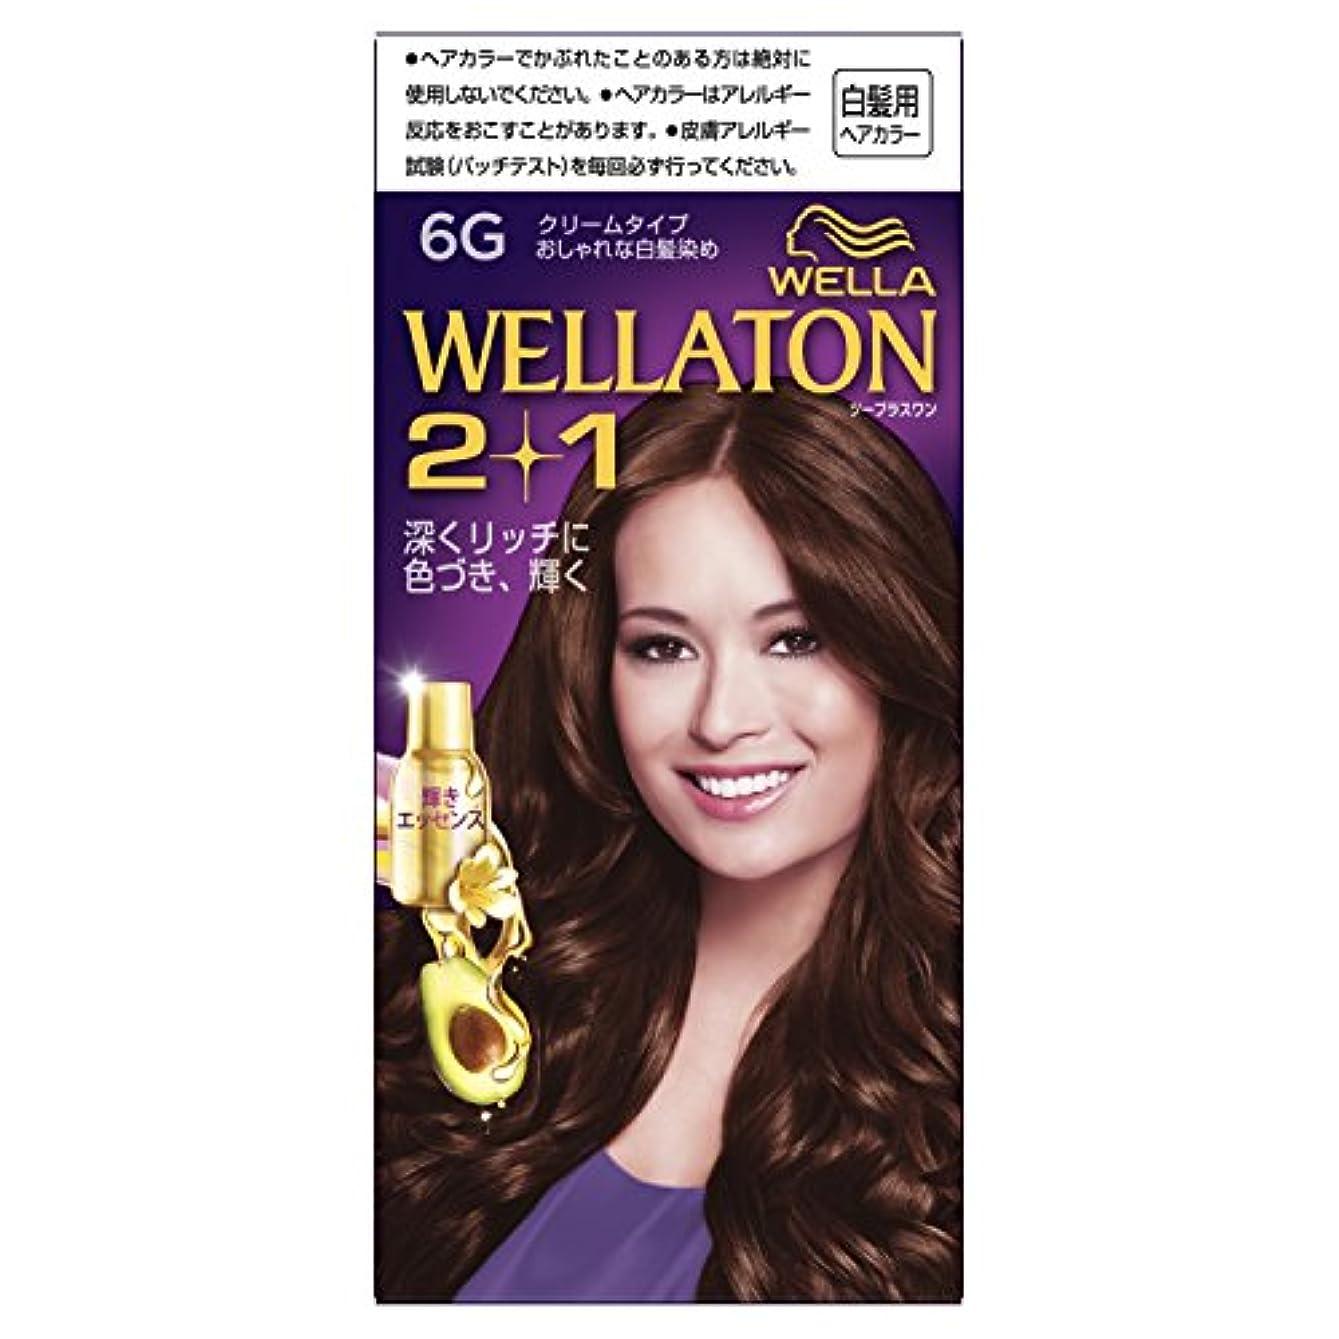 注入する平らにする守るウエラトーン2+1 クリームタイプ 6G [医薬部外品](おしゃれな白髪染め)